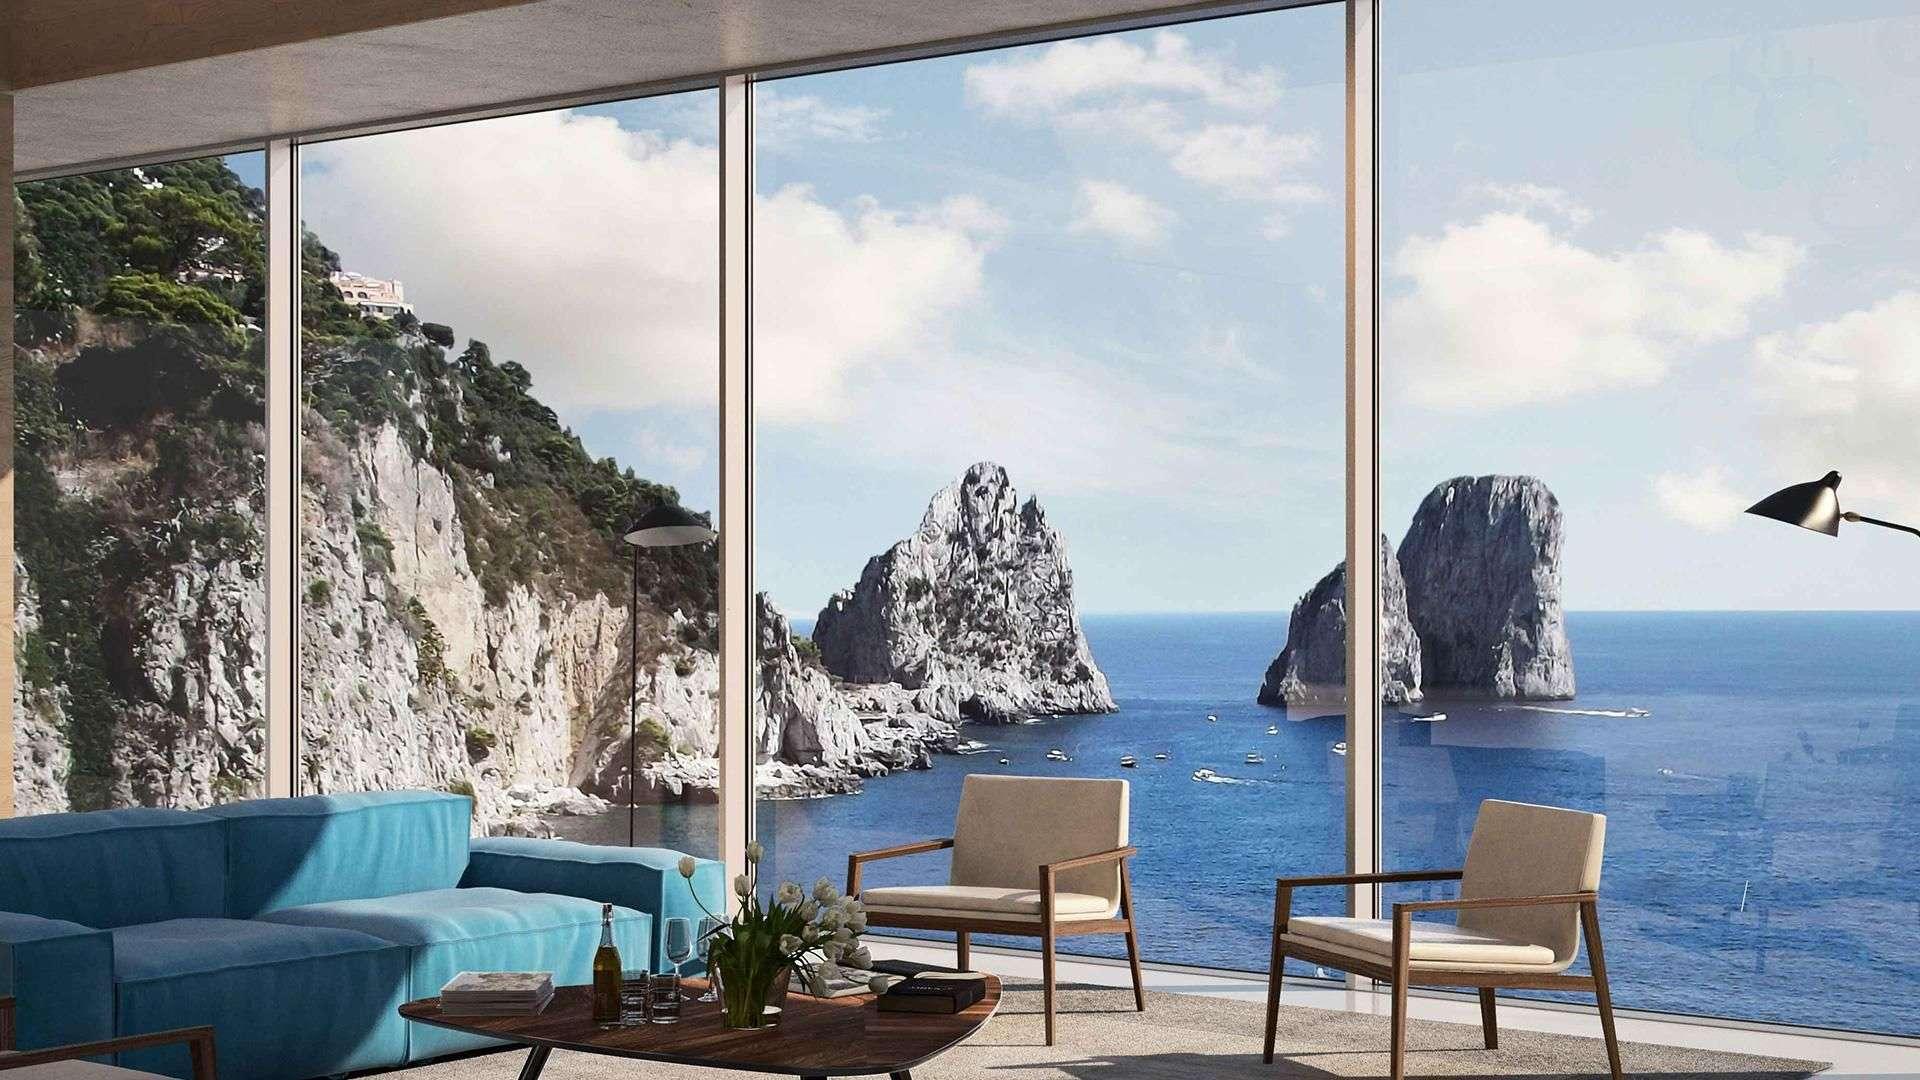 Fensterfront mit Blick aufs Meer mit Steilküste